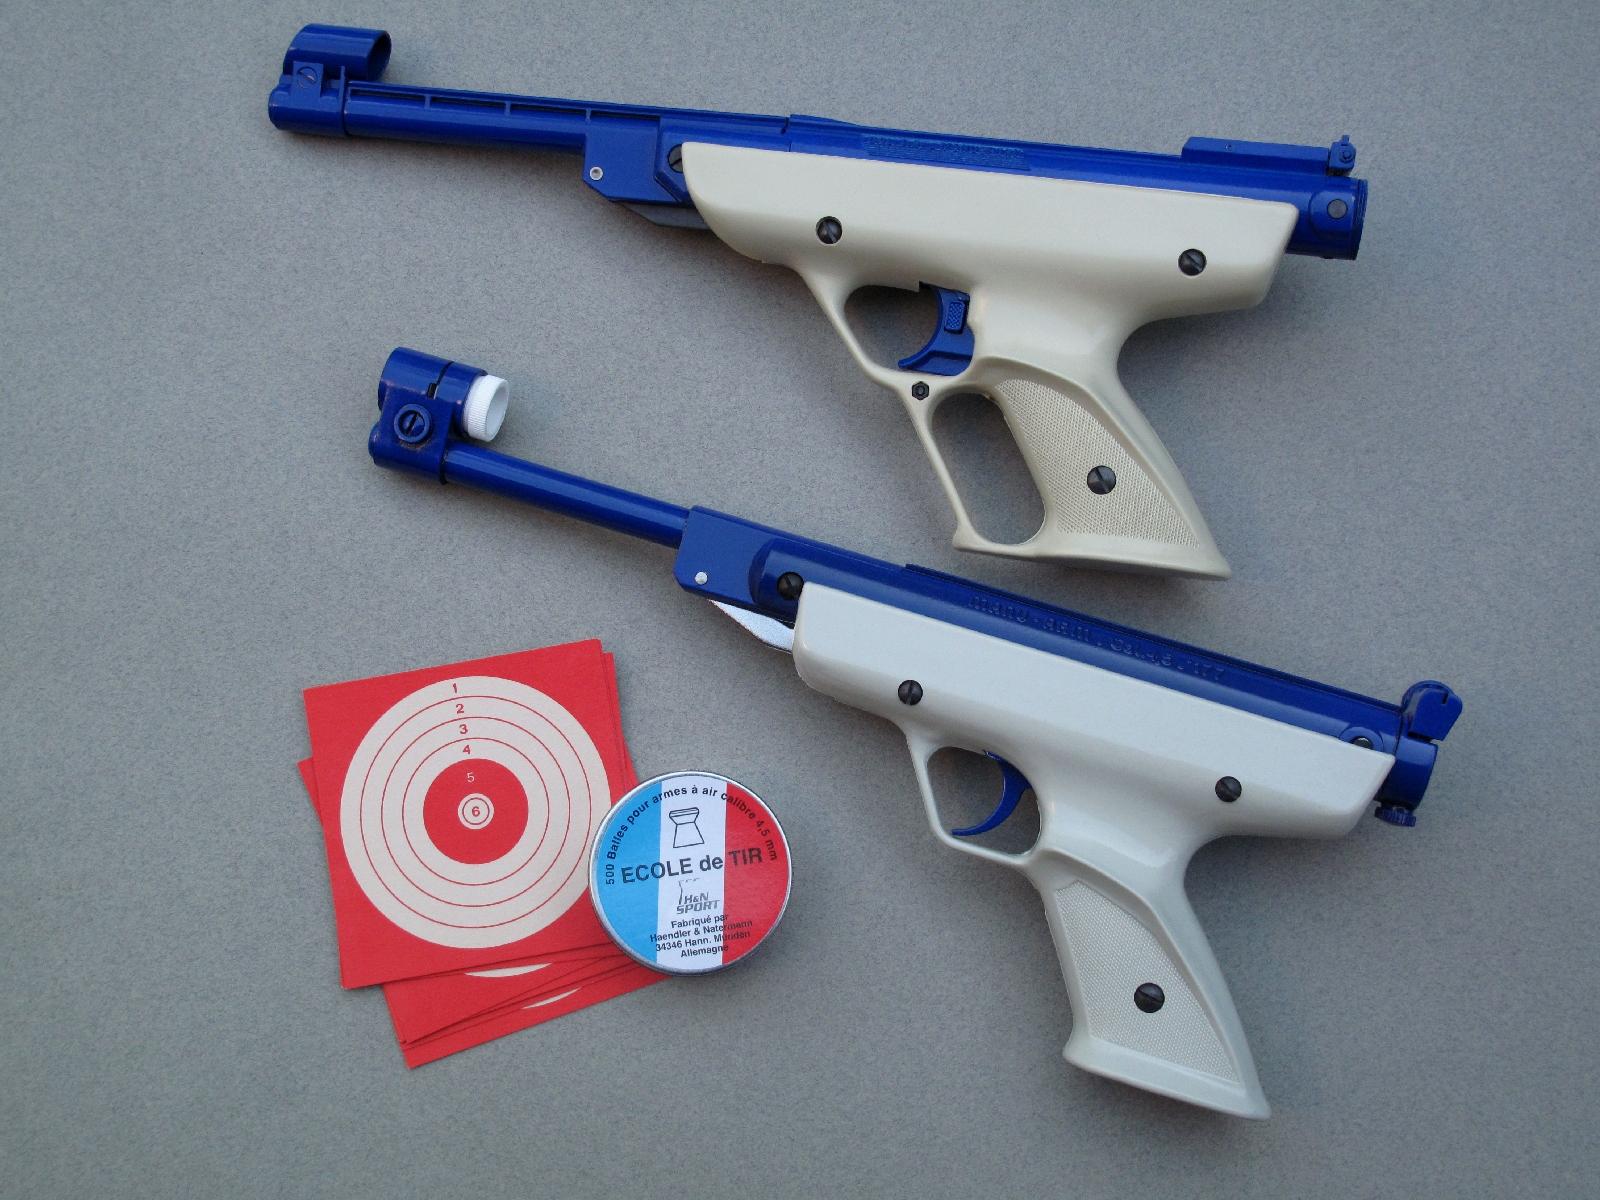 Pistolets à air-comprimé Manu-Arm modèles « PA » (en-dessous) et « MANUSPORT » (au-dessus).